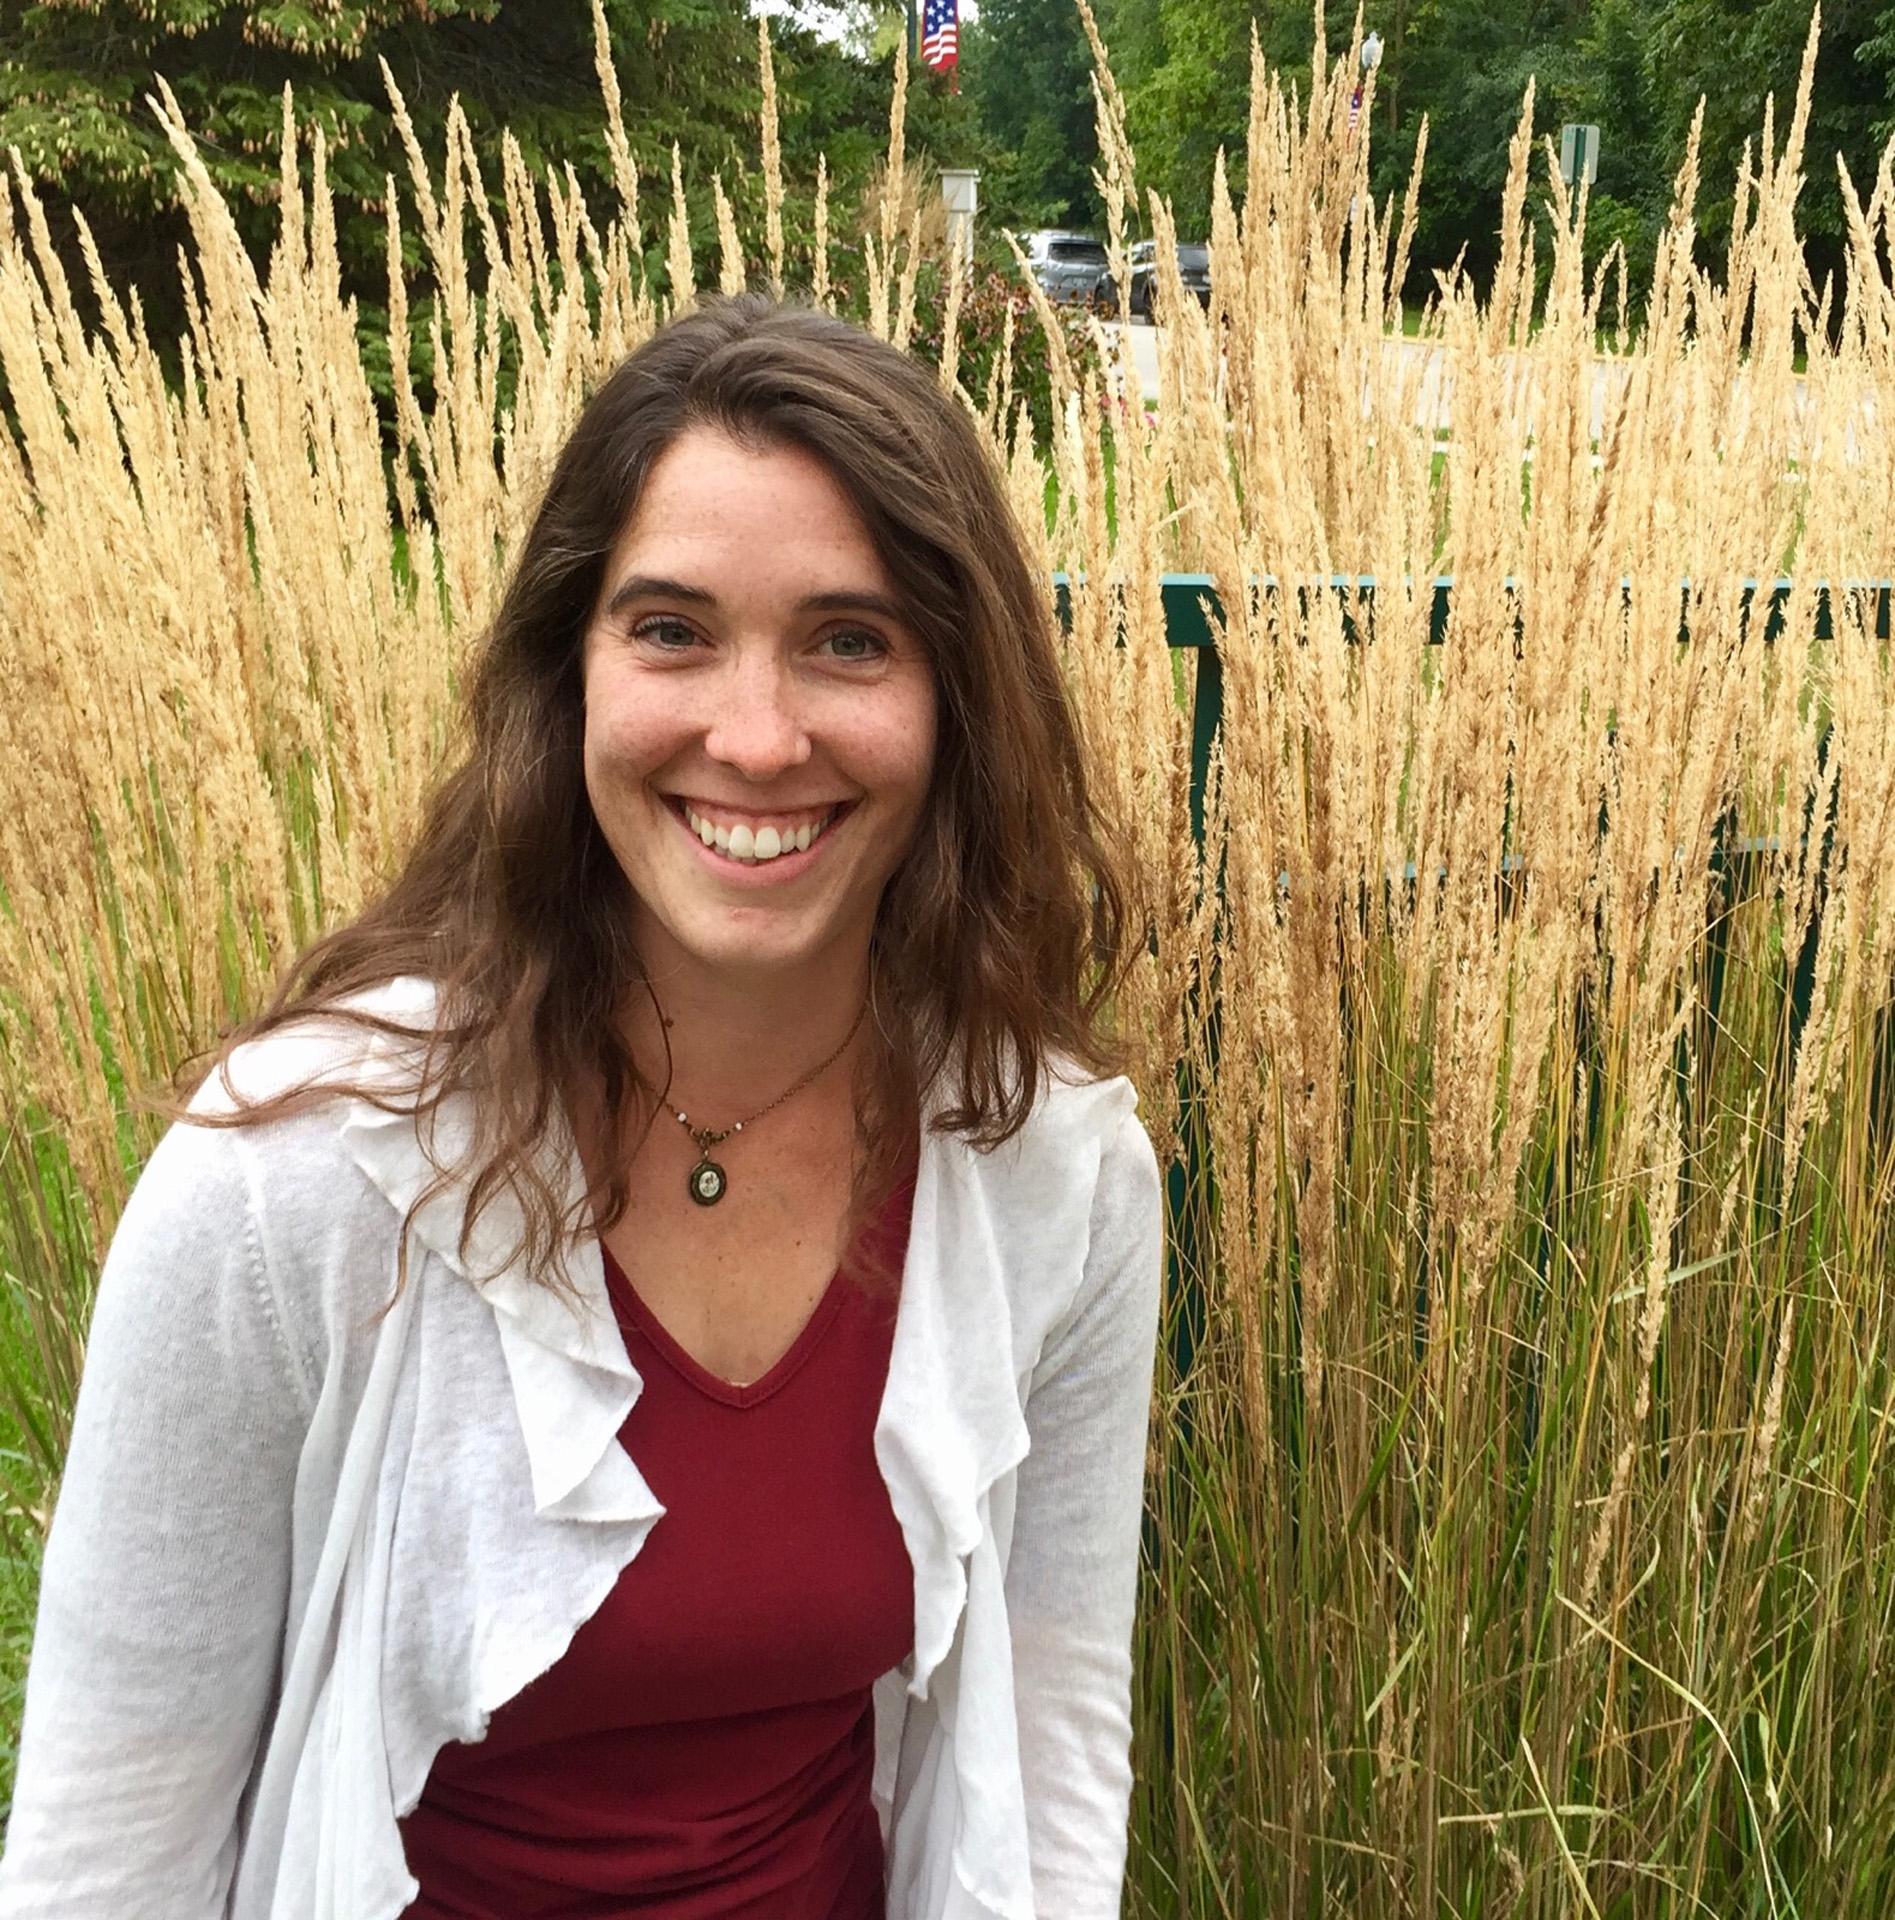 Photo of Erin Presley, this week's garden expert